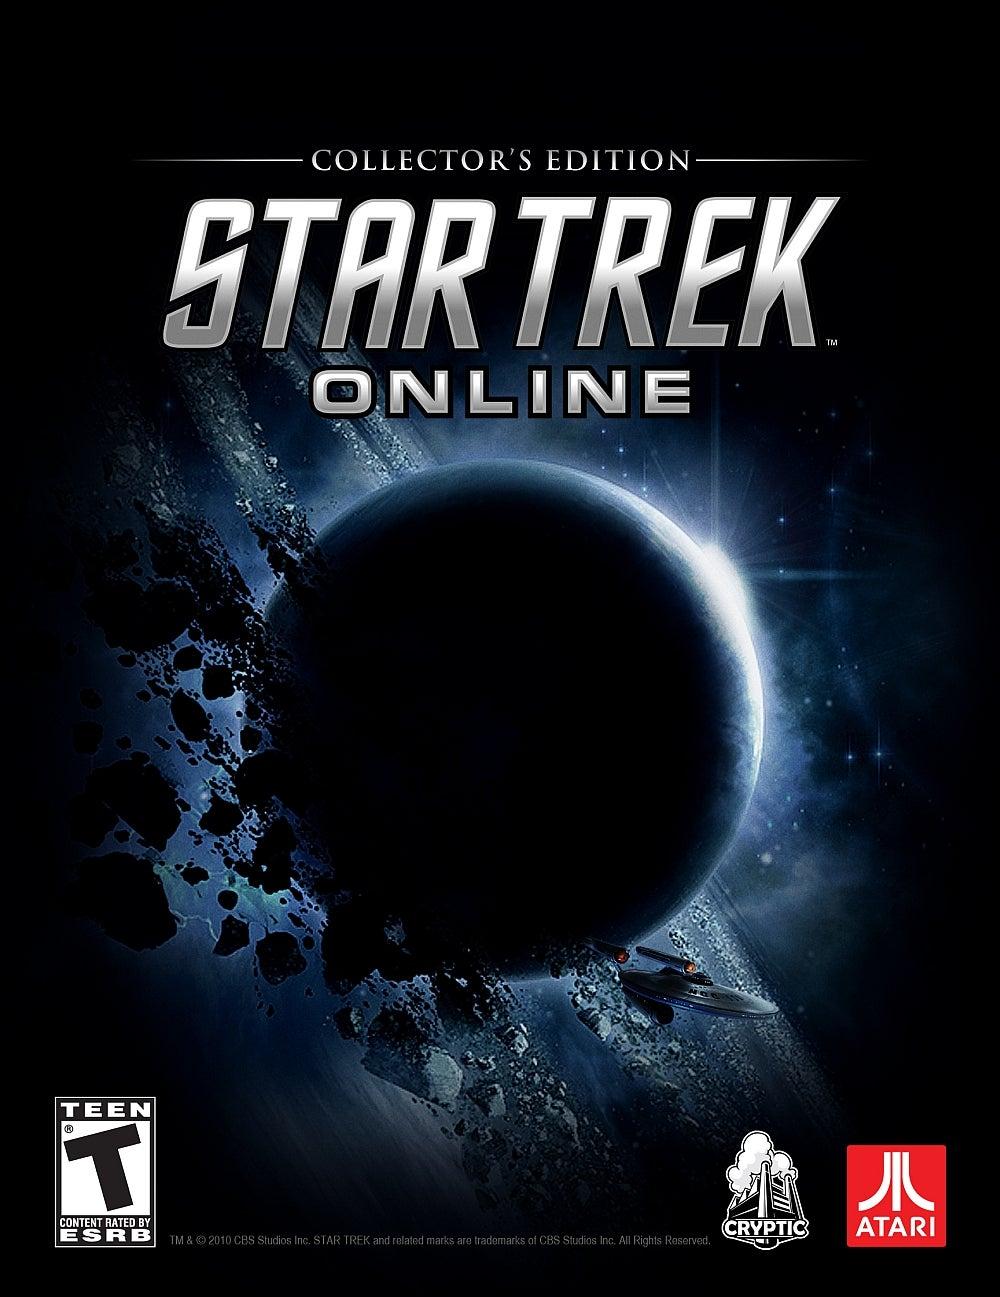 star trek online review ign